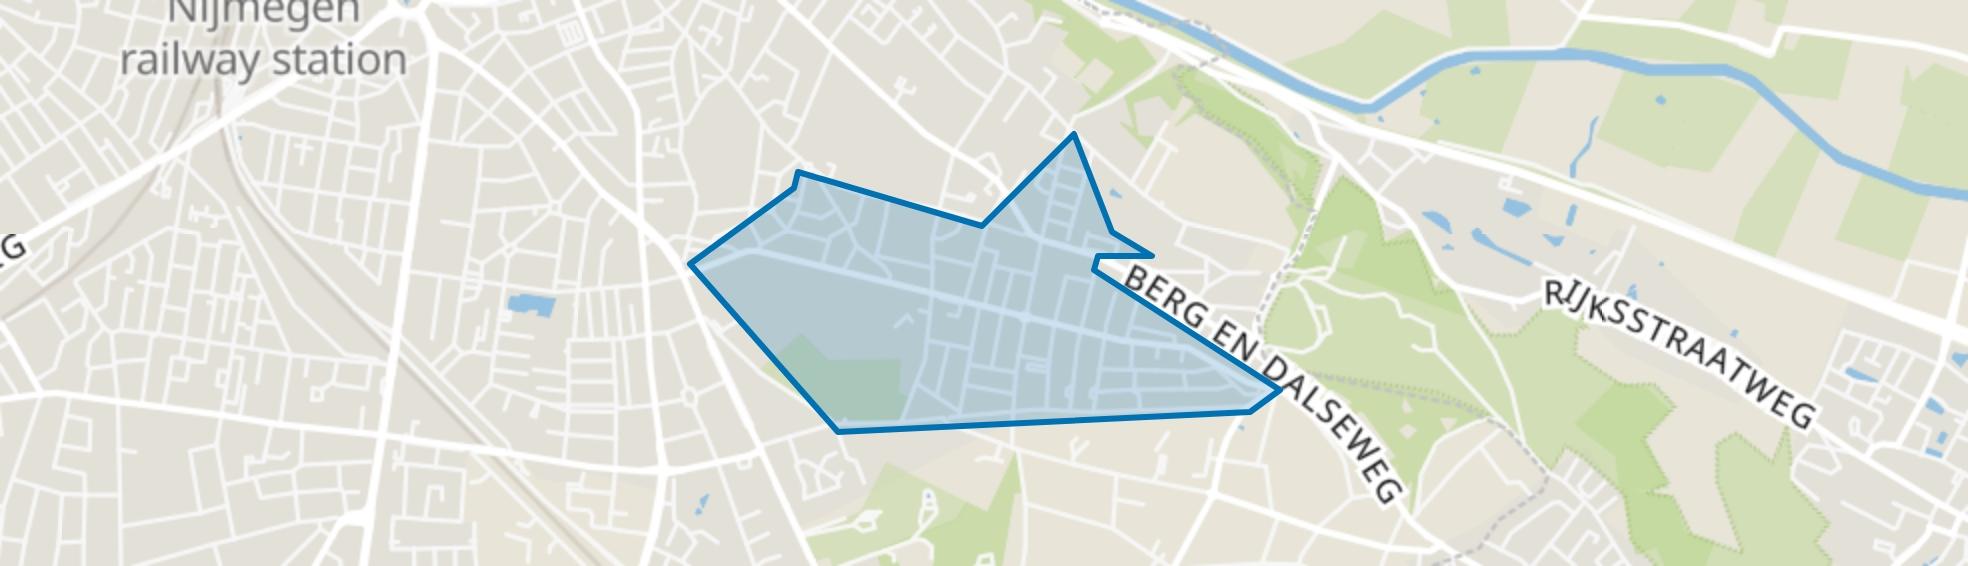 Hengstdal, Nijmegen map